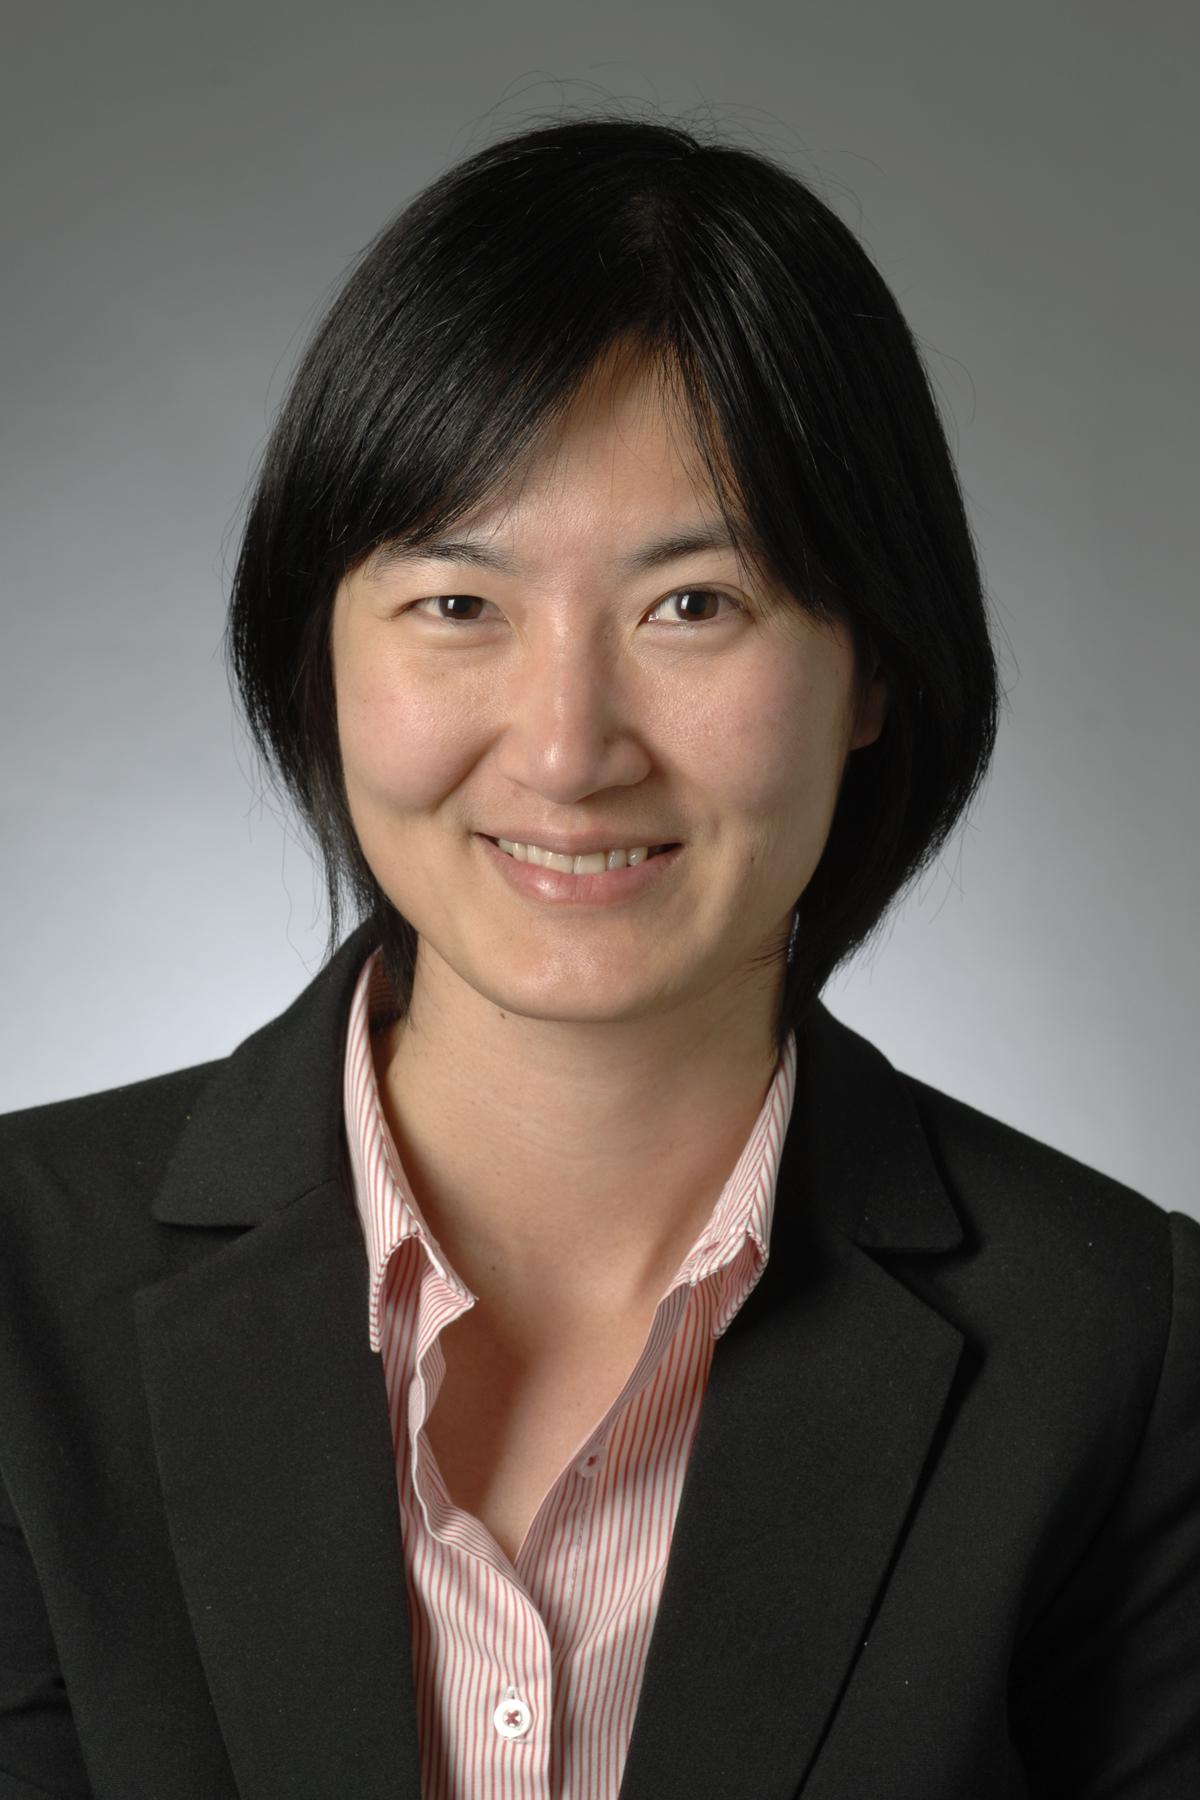 Dr Jwu Jin Khong